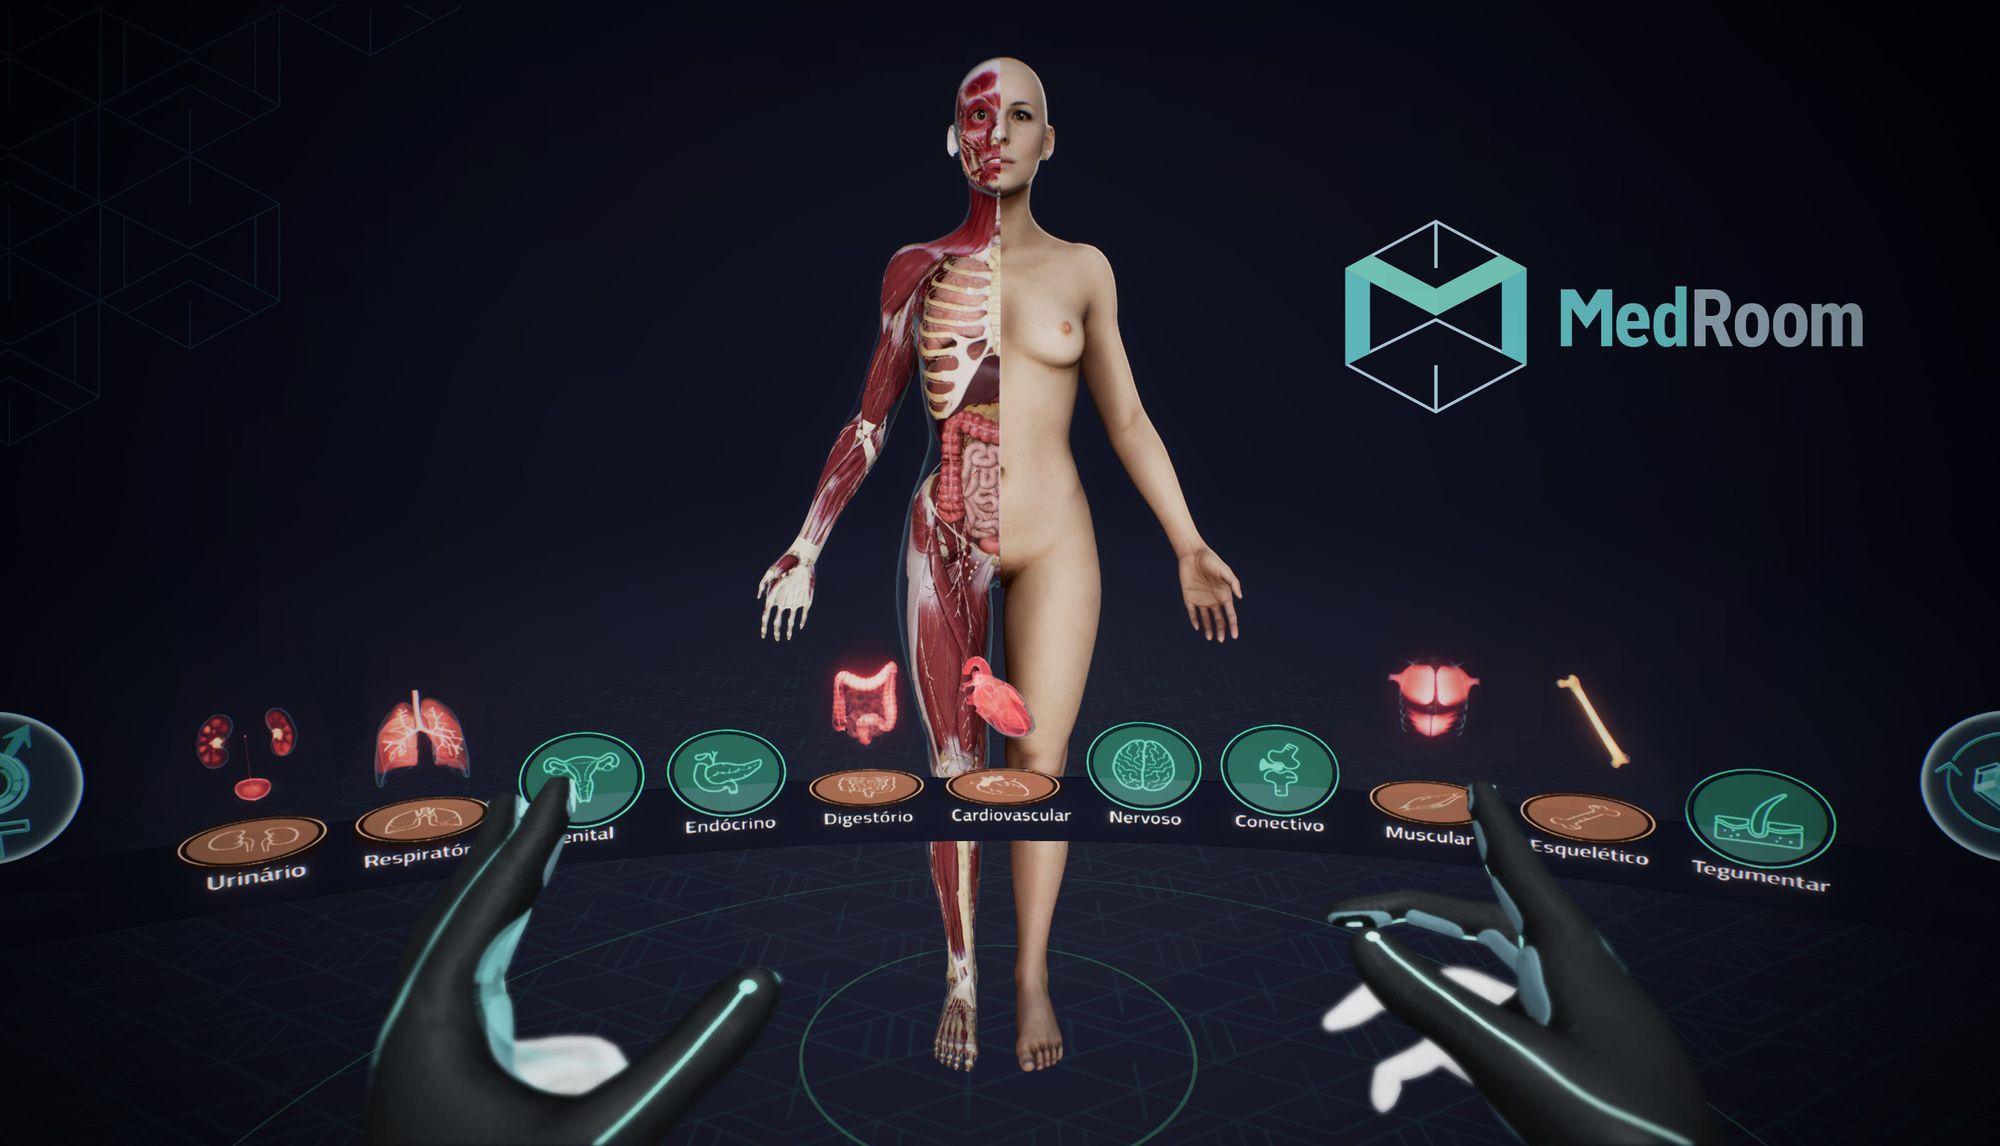 MedRoom trabalha com modelagem 3D nas universidades para evitar erros médicos